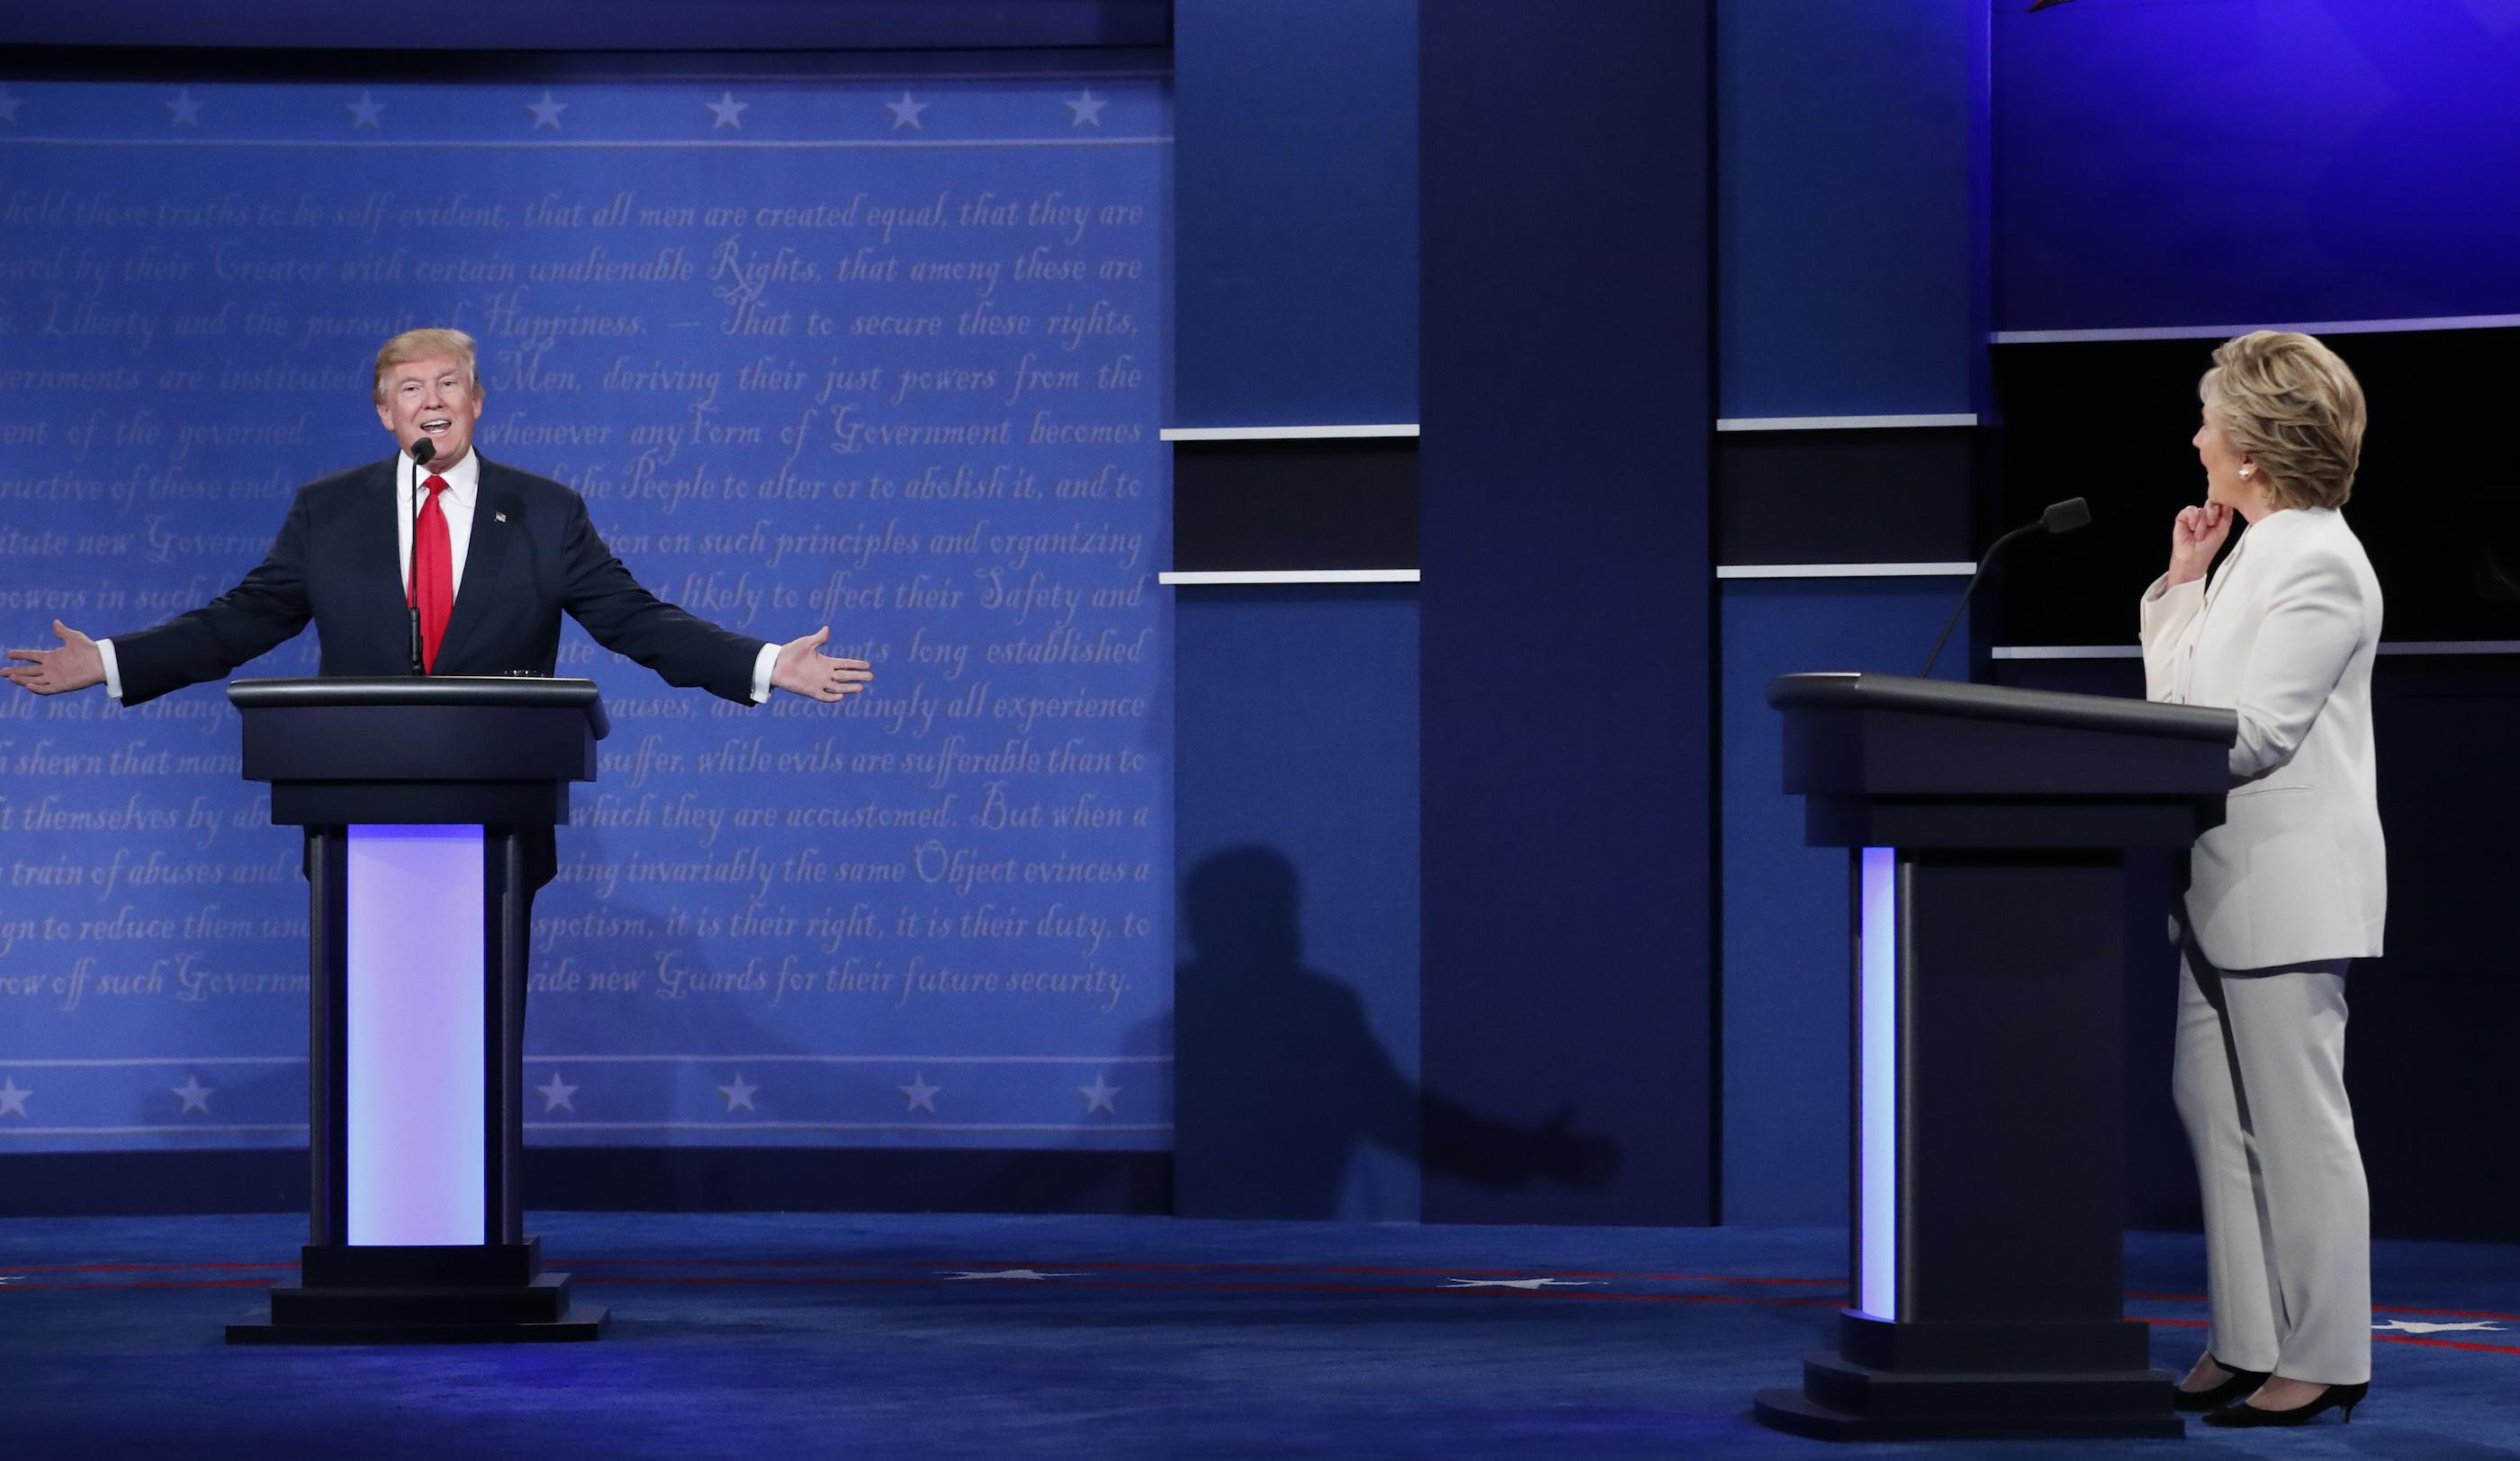 Clinton vs. Trump: The third 2016 presidential debate